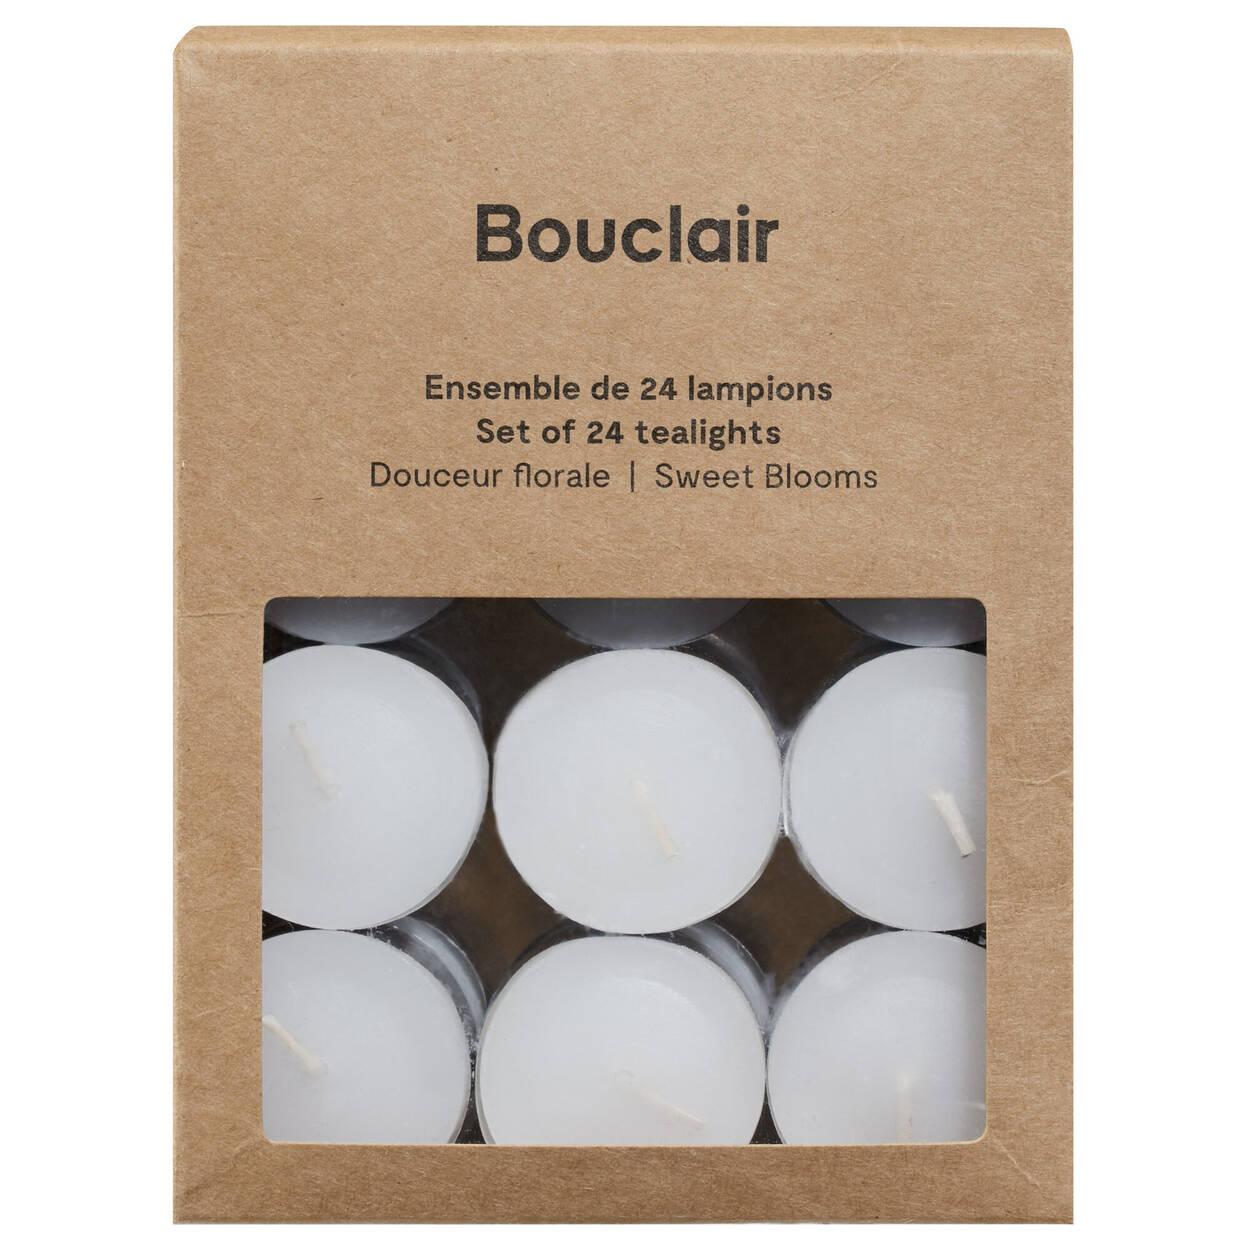 Paquet de 24 lampions parfumés douceur florale